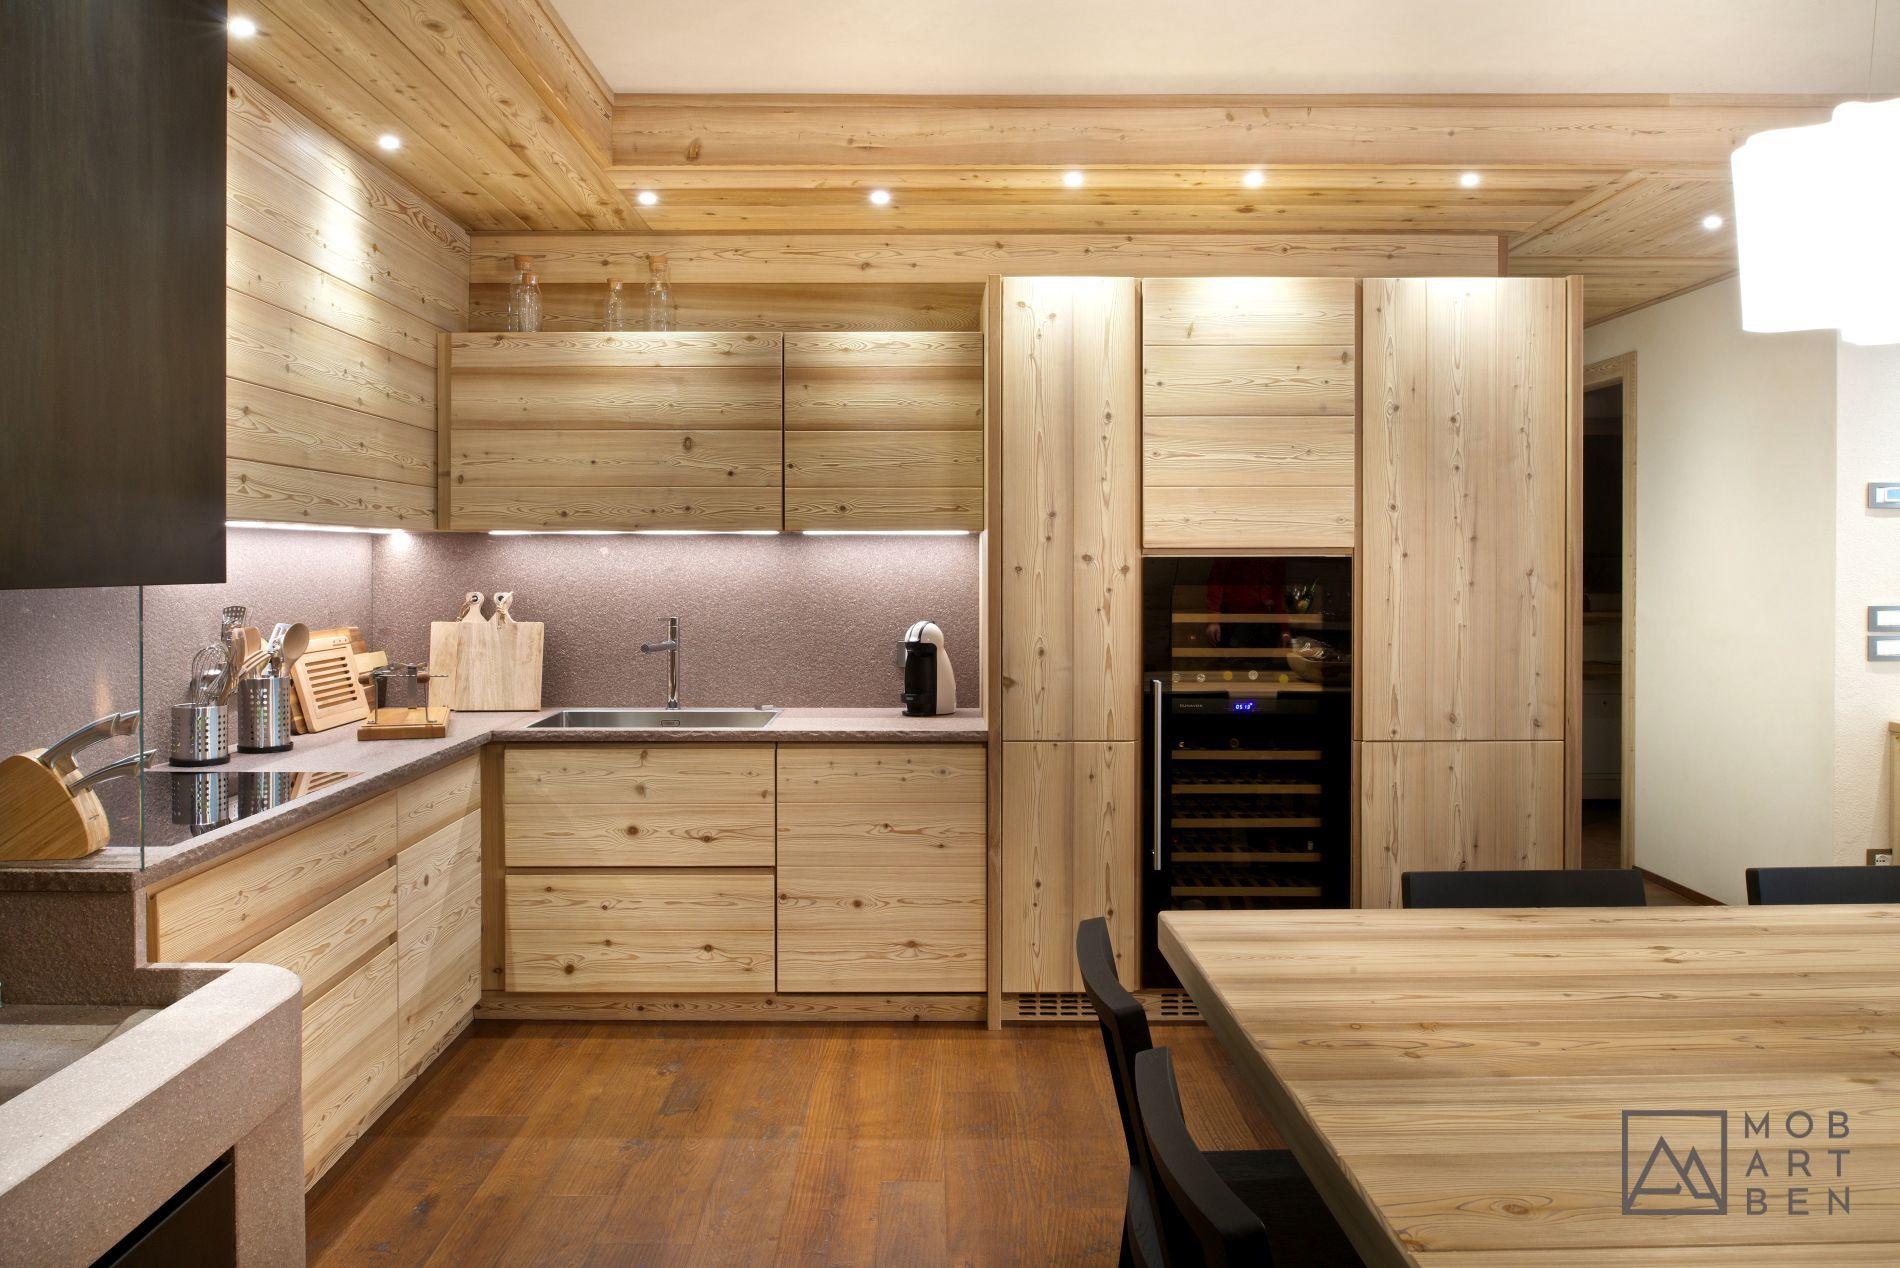 17 Idee Su Cucina Kitchen Design Cucina In Legno Cucine Arredamento In Legno